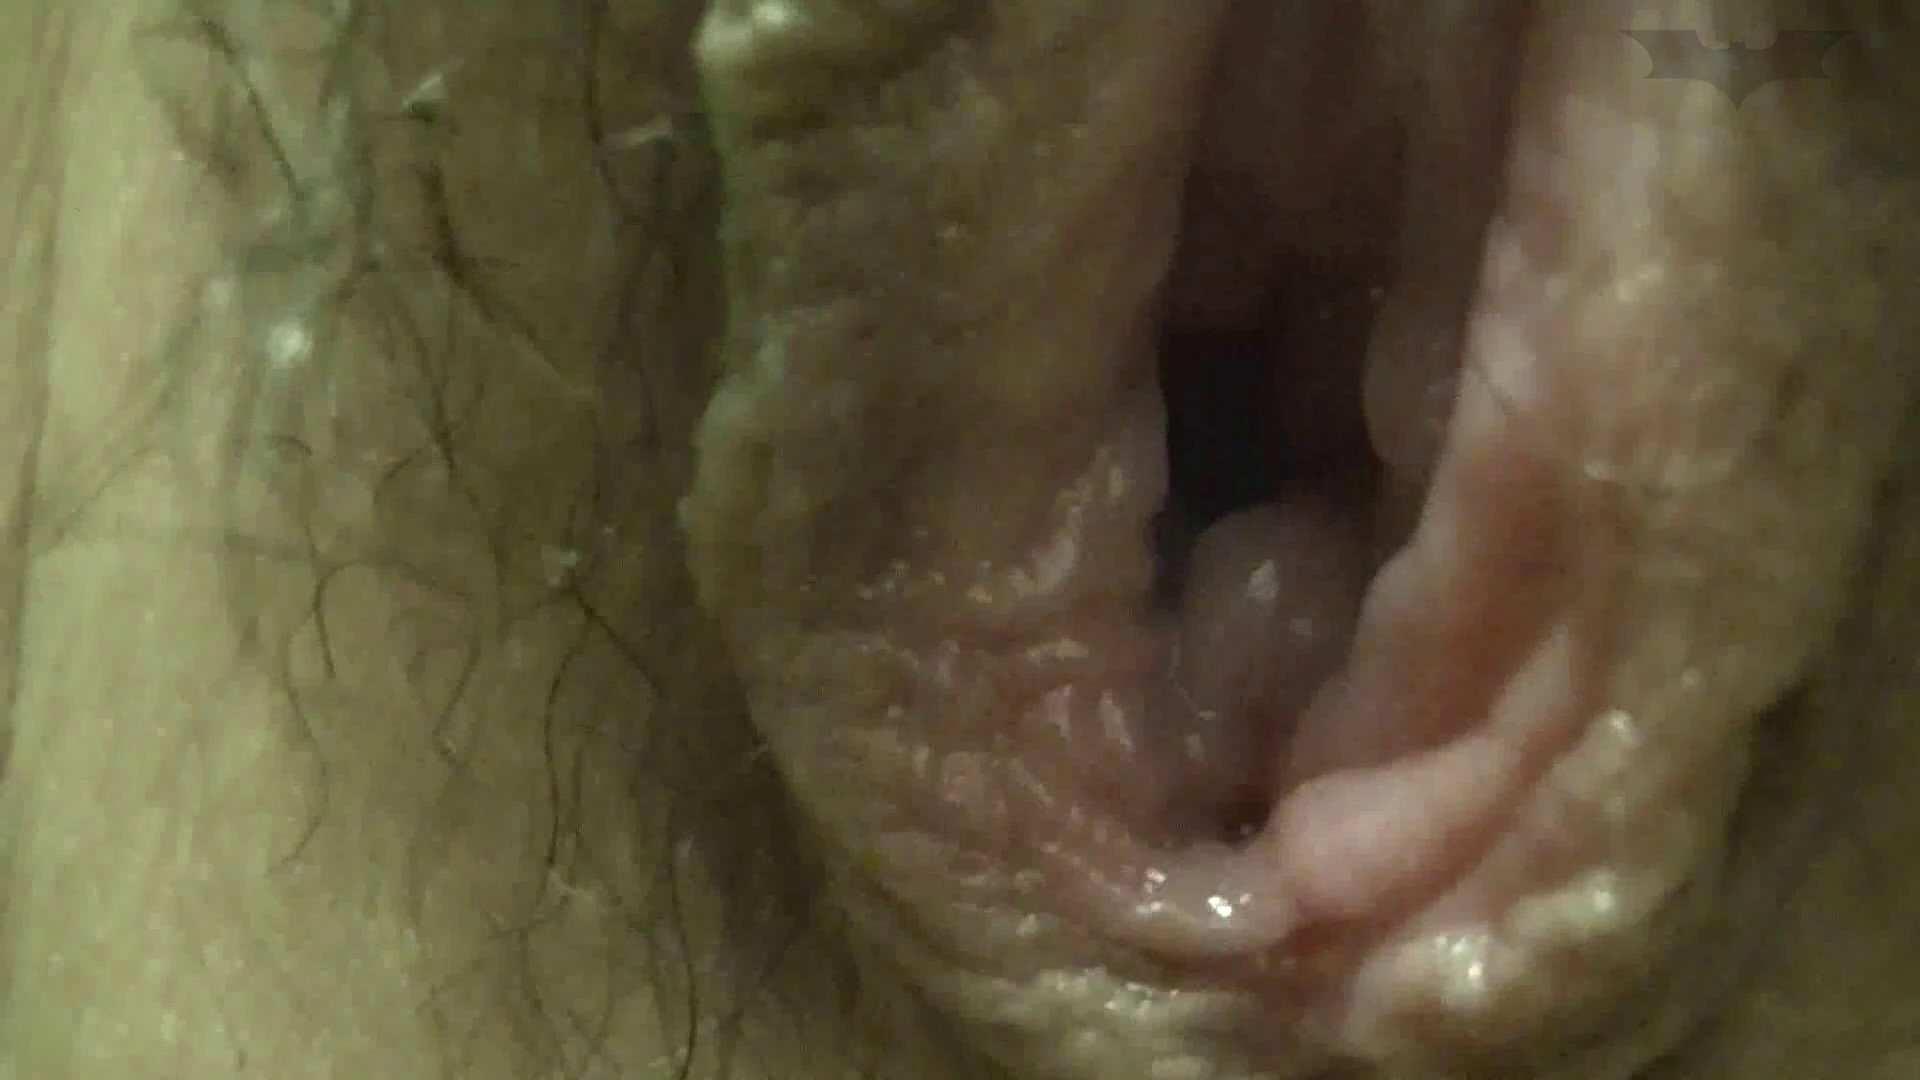 衝撃 半開きの目はガチです。 影 対 新妻裕香 桃色乳首 | 美乳  44画像 44